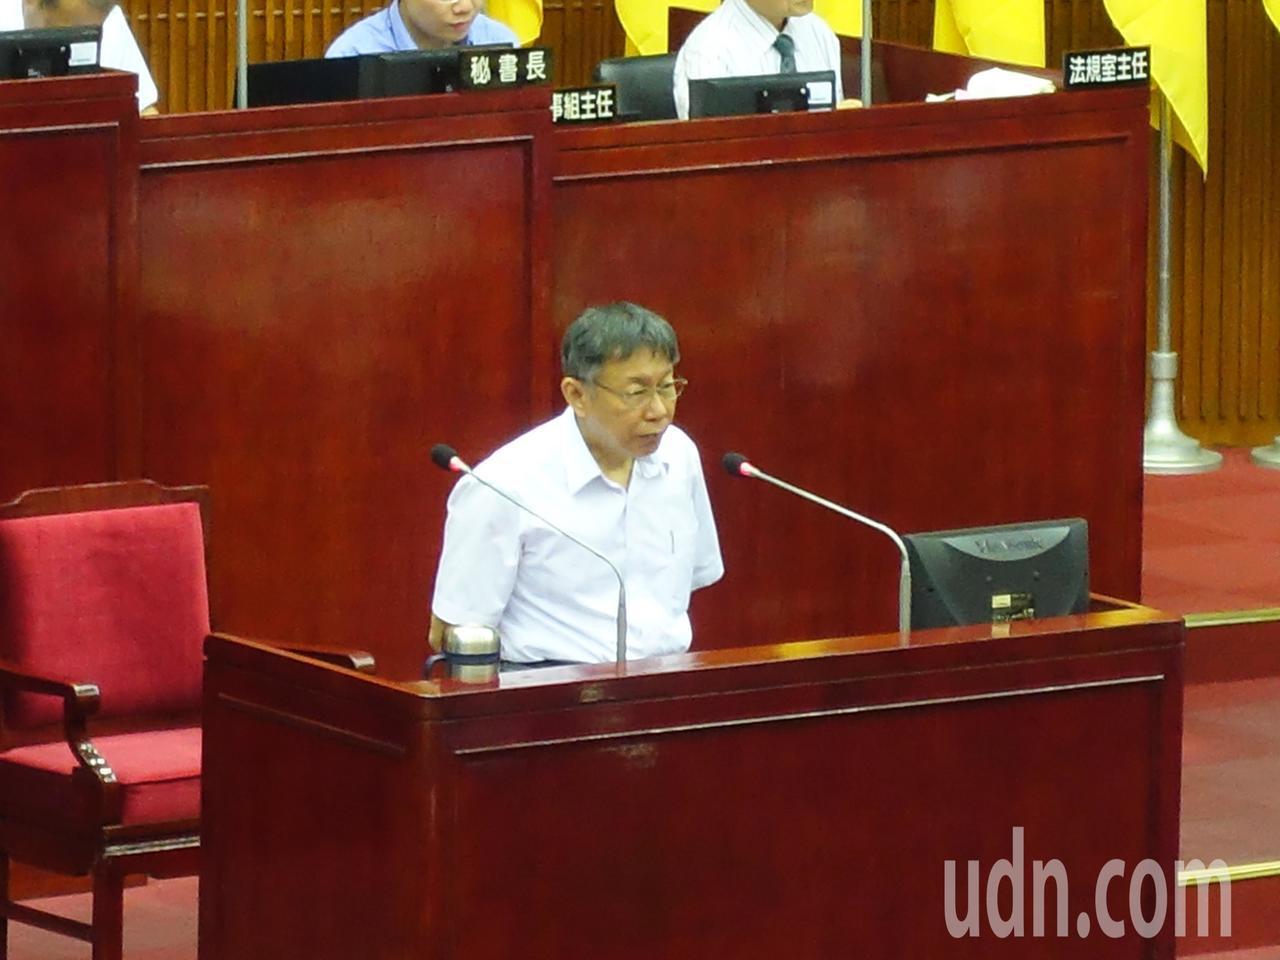 雙城論壇講稿爭議不休,台北市長柯文哲今搬出邏輯學「若P則Q」回嗆,強調前提不存在...